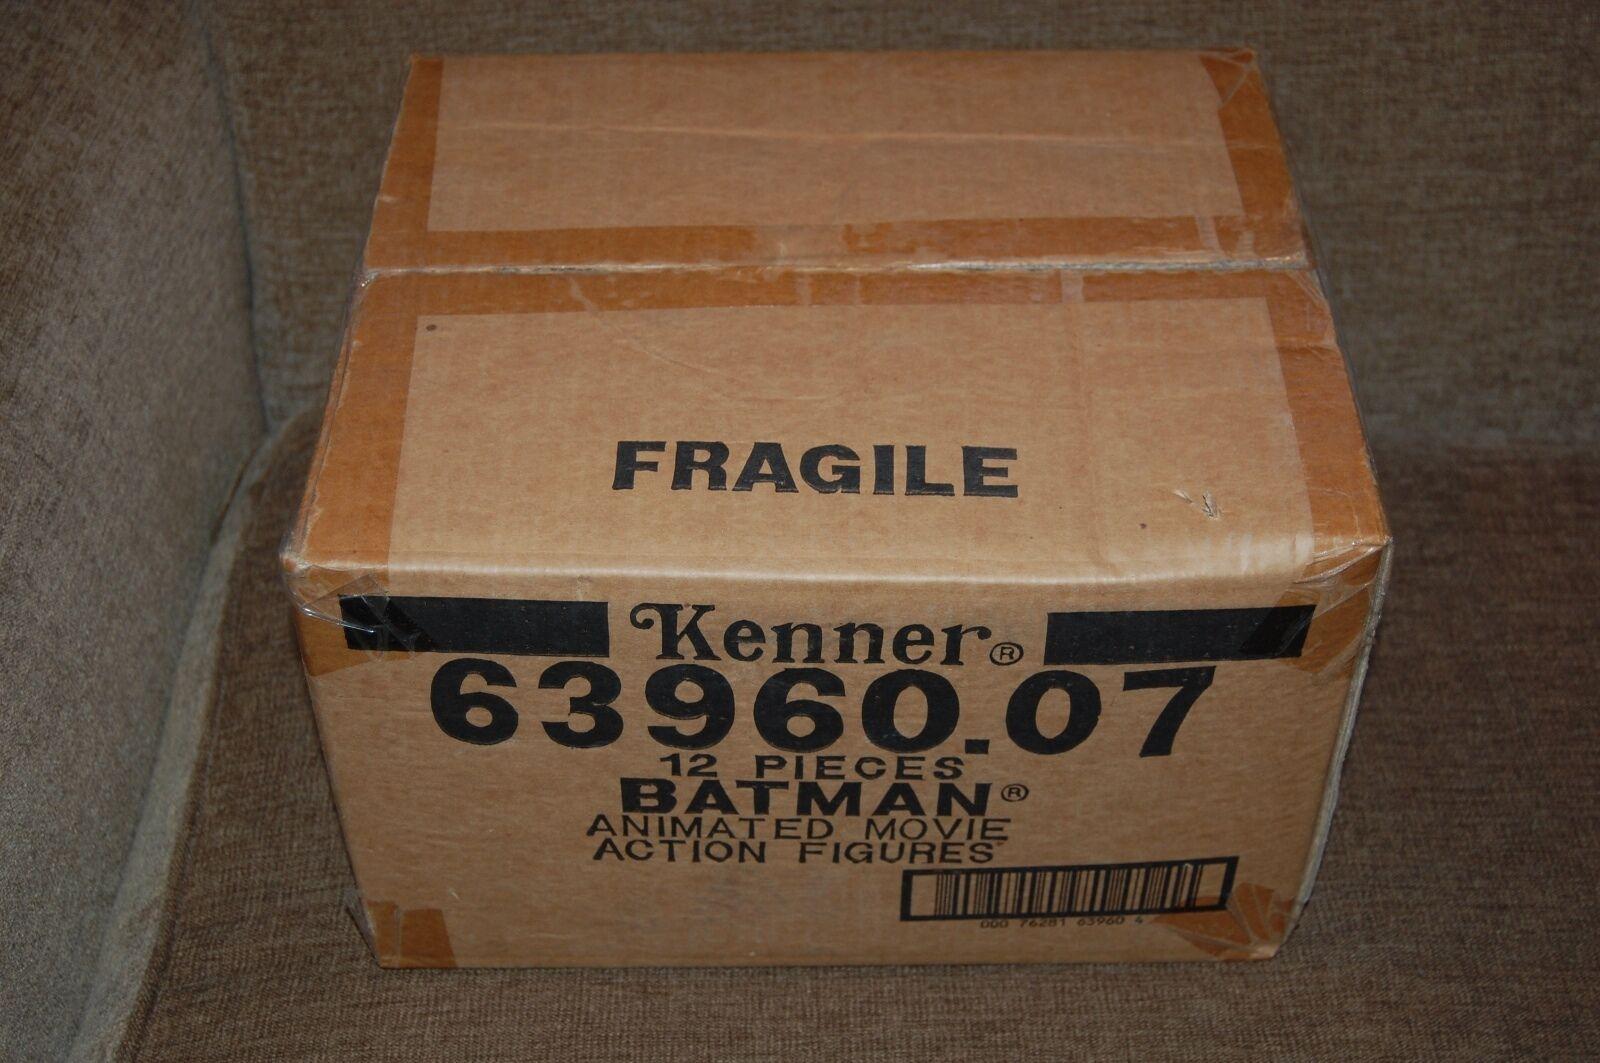 Batman Mask Of The Phantasm-Sealed Case of 12 Figures-Joker-Animated Series AFA